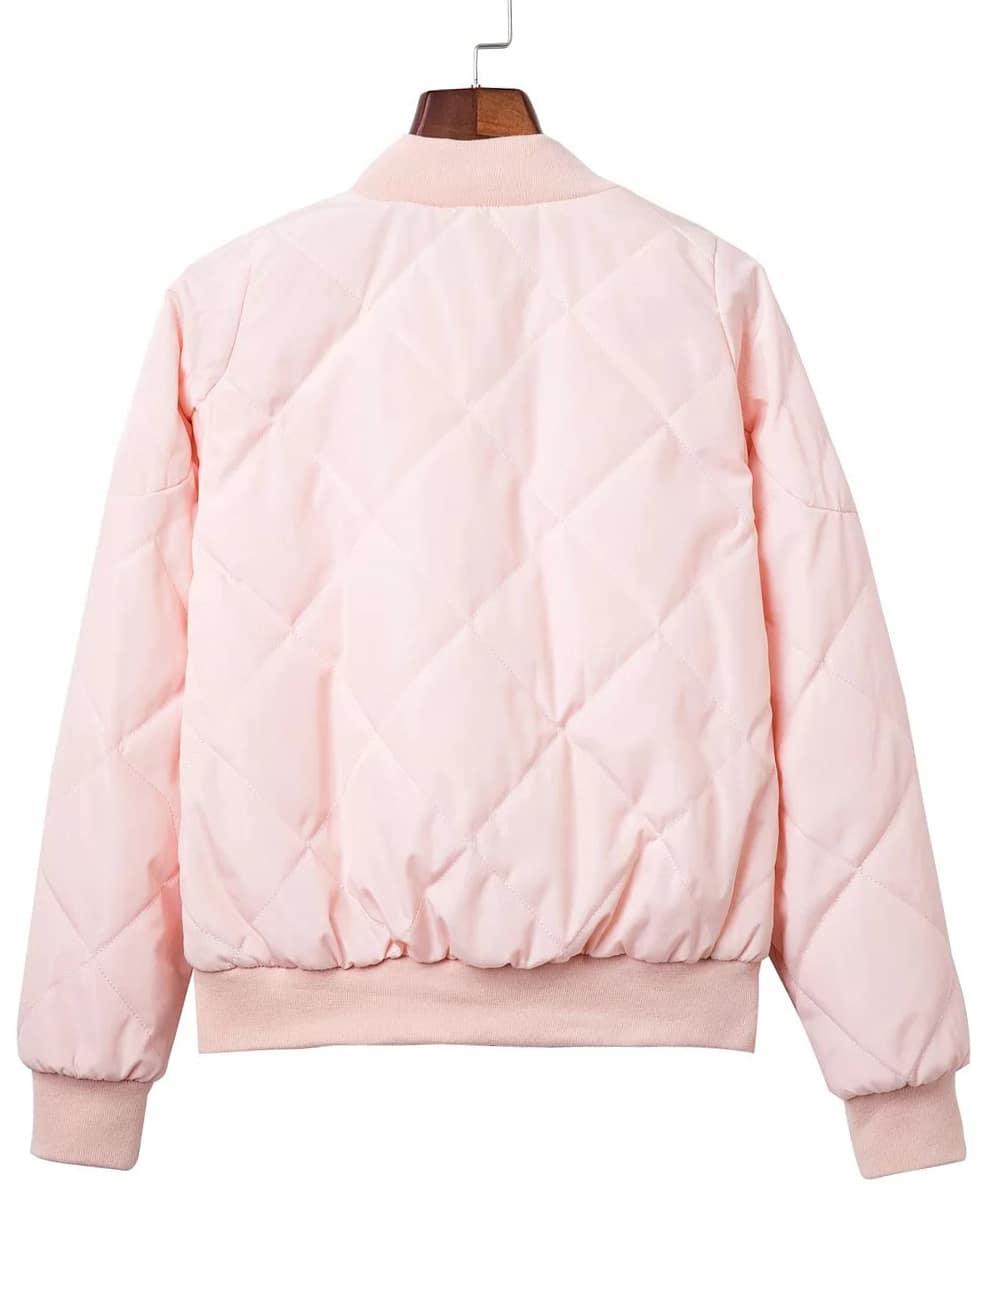 jacket160806201_2